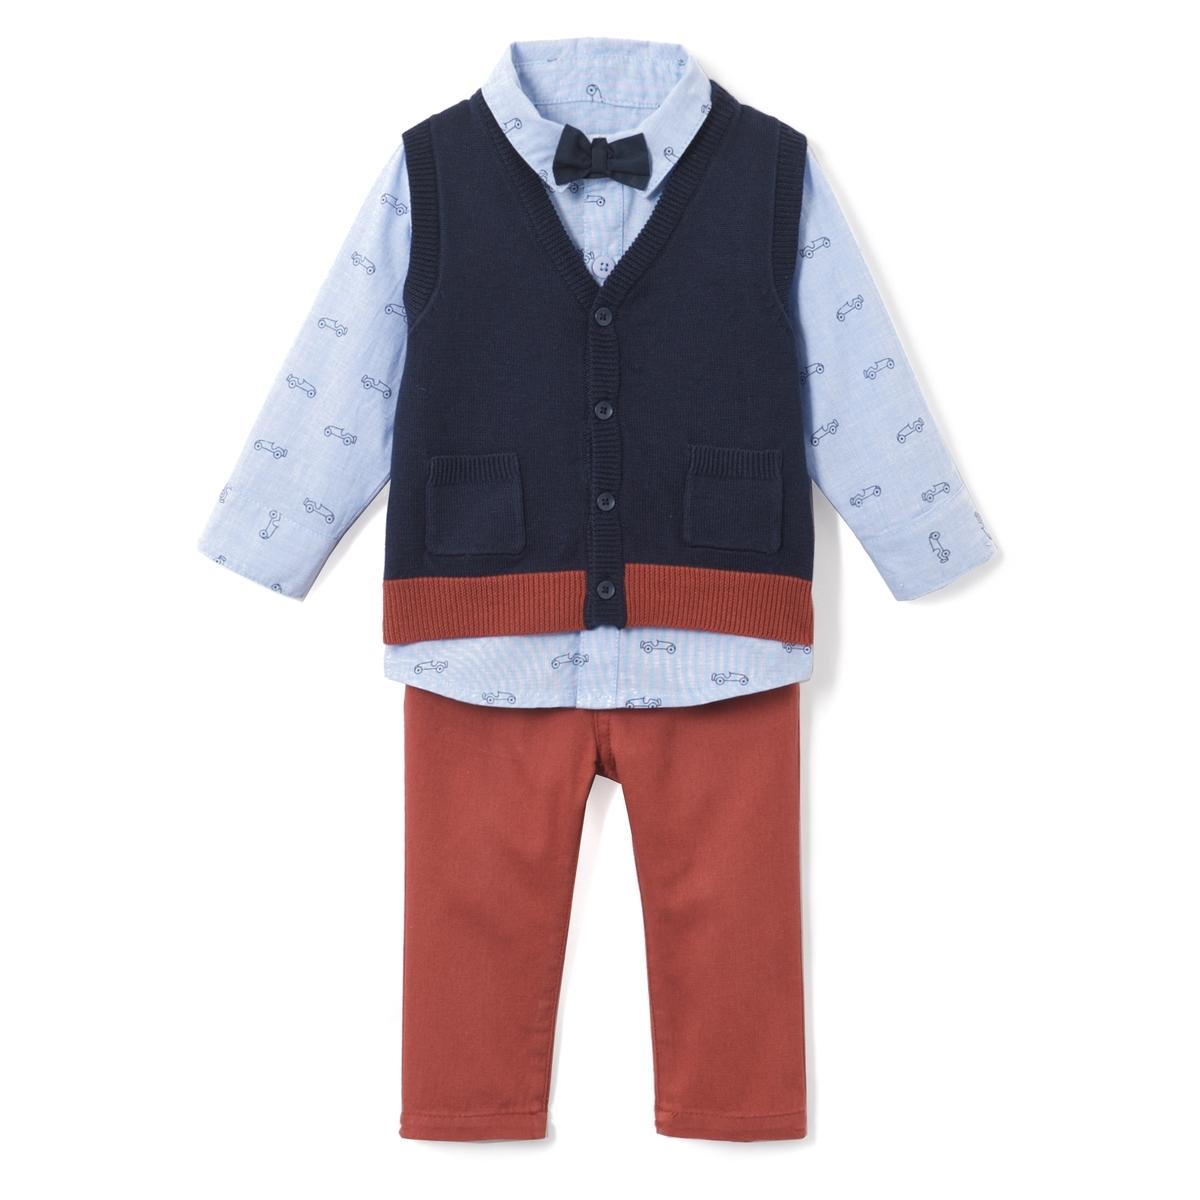 Комплект: Боди-поло, однотонная рубашкаДетали •  Длинные рукава •  Воротник-поло, рубашечныйСостав и уход •  100% хлопок •  Стирать при 40° • Низкая температура глажки / не отбеливать   • Барабанная сушка на слабом режиме       • Сухая чистка запрещена<br><br>Цвет: Синий + темно-синий + коричневый<br>Размер: 1 мес. - 54 см.3 года - 94 см.18 мес. - 81 см.1 год - 74 см.6 мес. - 67 см.3 мес. - 60 см.9 мес. - 71 см